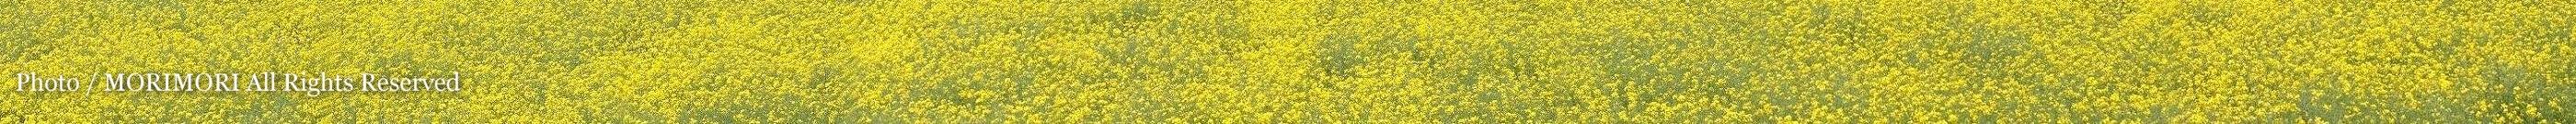 西都原古墳群の桜と菜の花 04